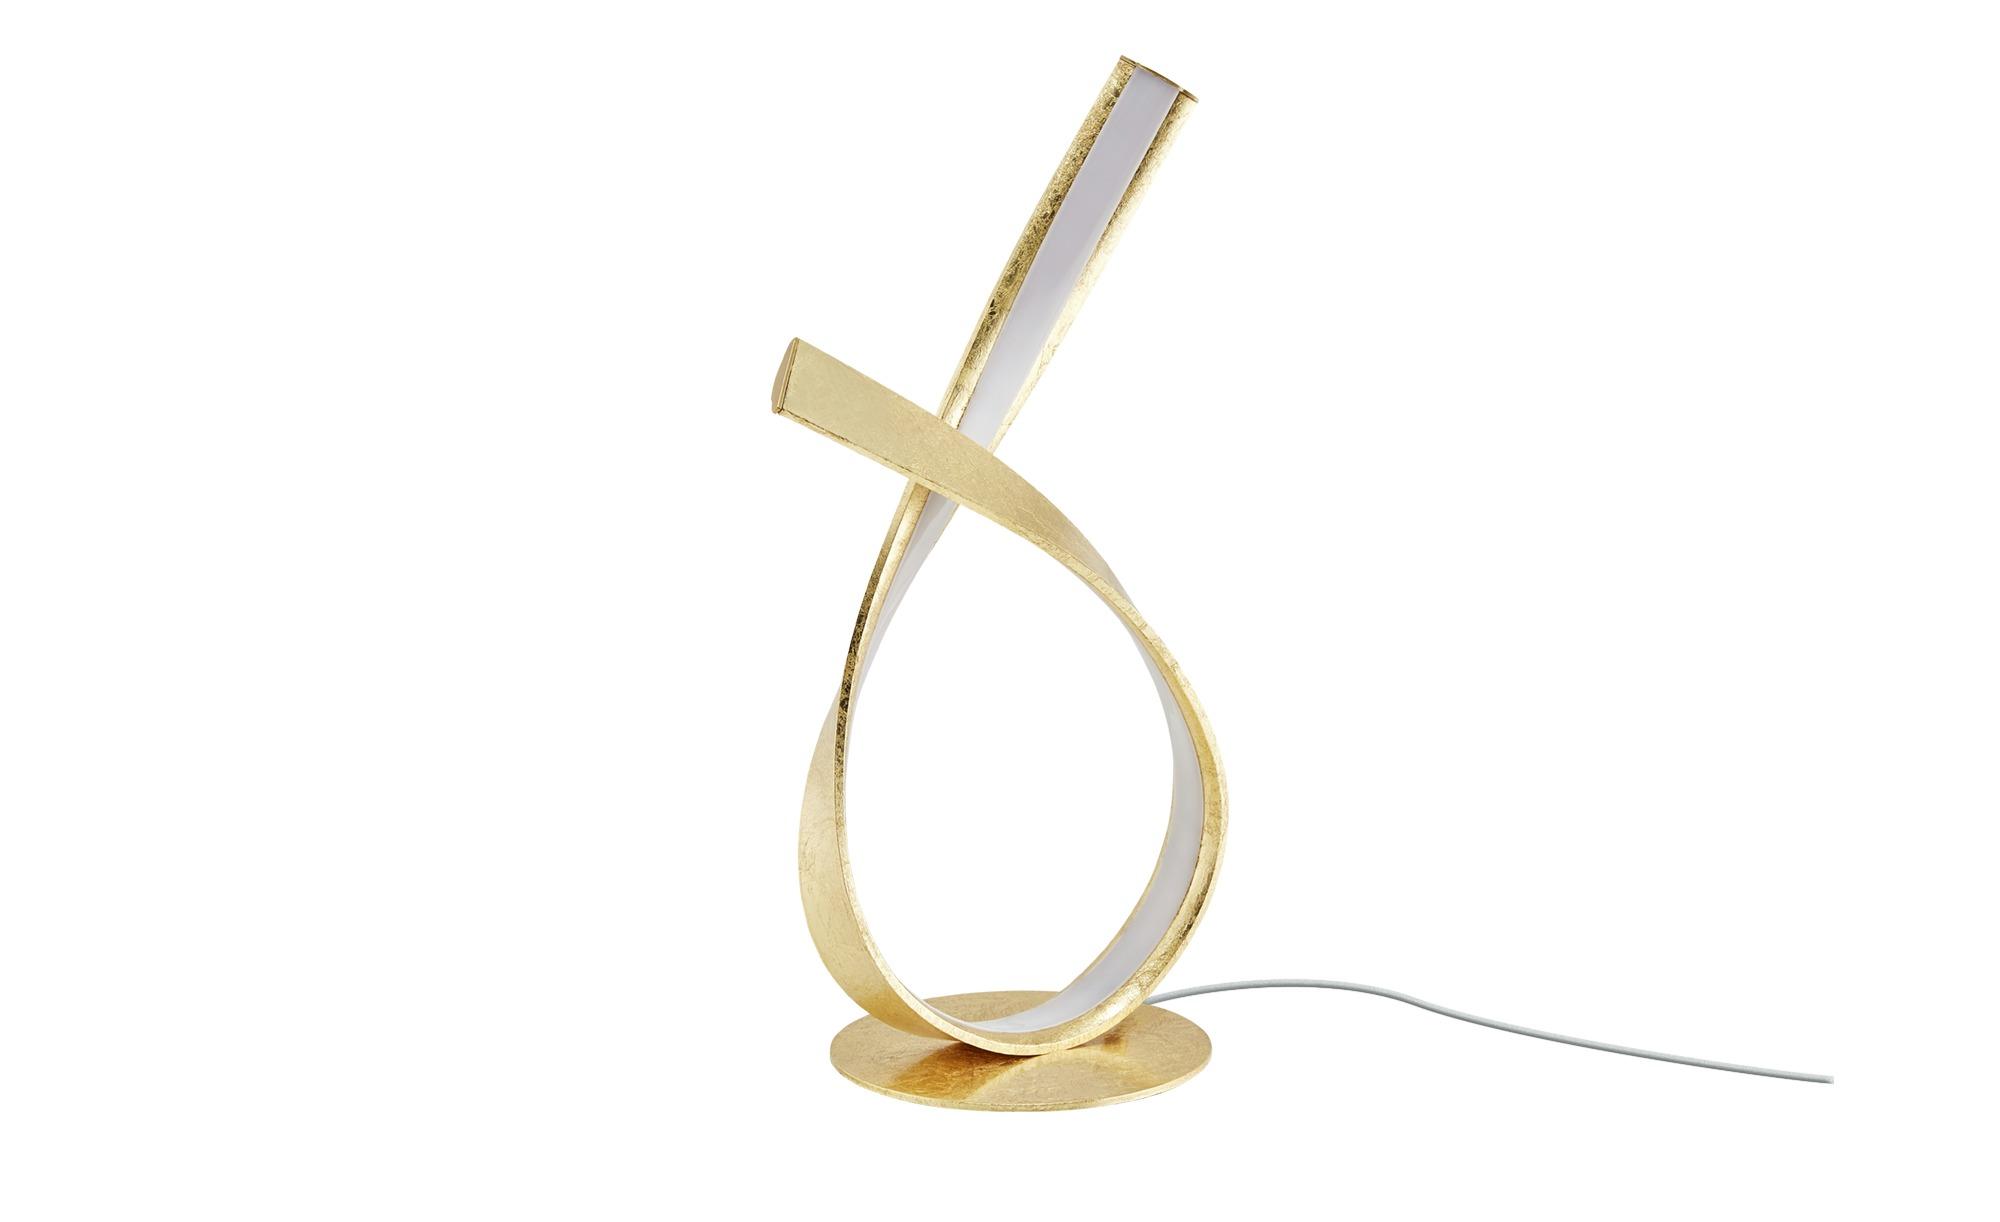 Paul Neuhaus LED-Tischleuchte, goldfarben ¦ gold ¦ Maße (cm): B: 15 H: 40 Lampen & Leuchten > Innenleuchten > Tischlampen - Höffner